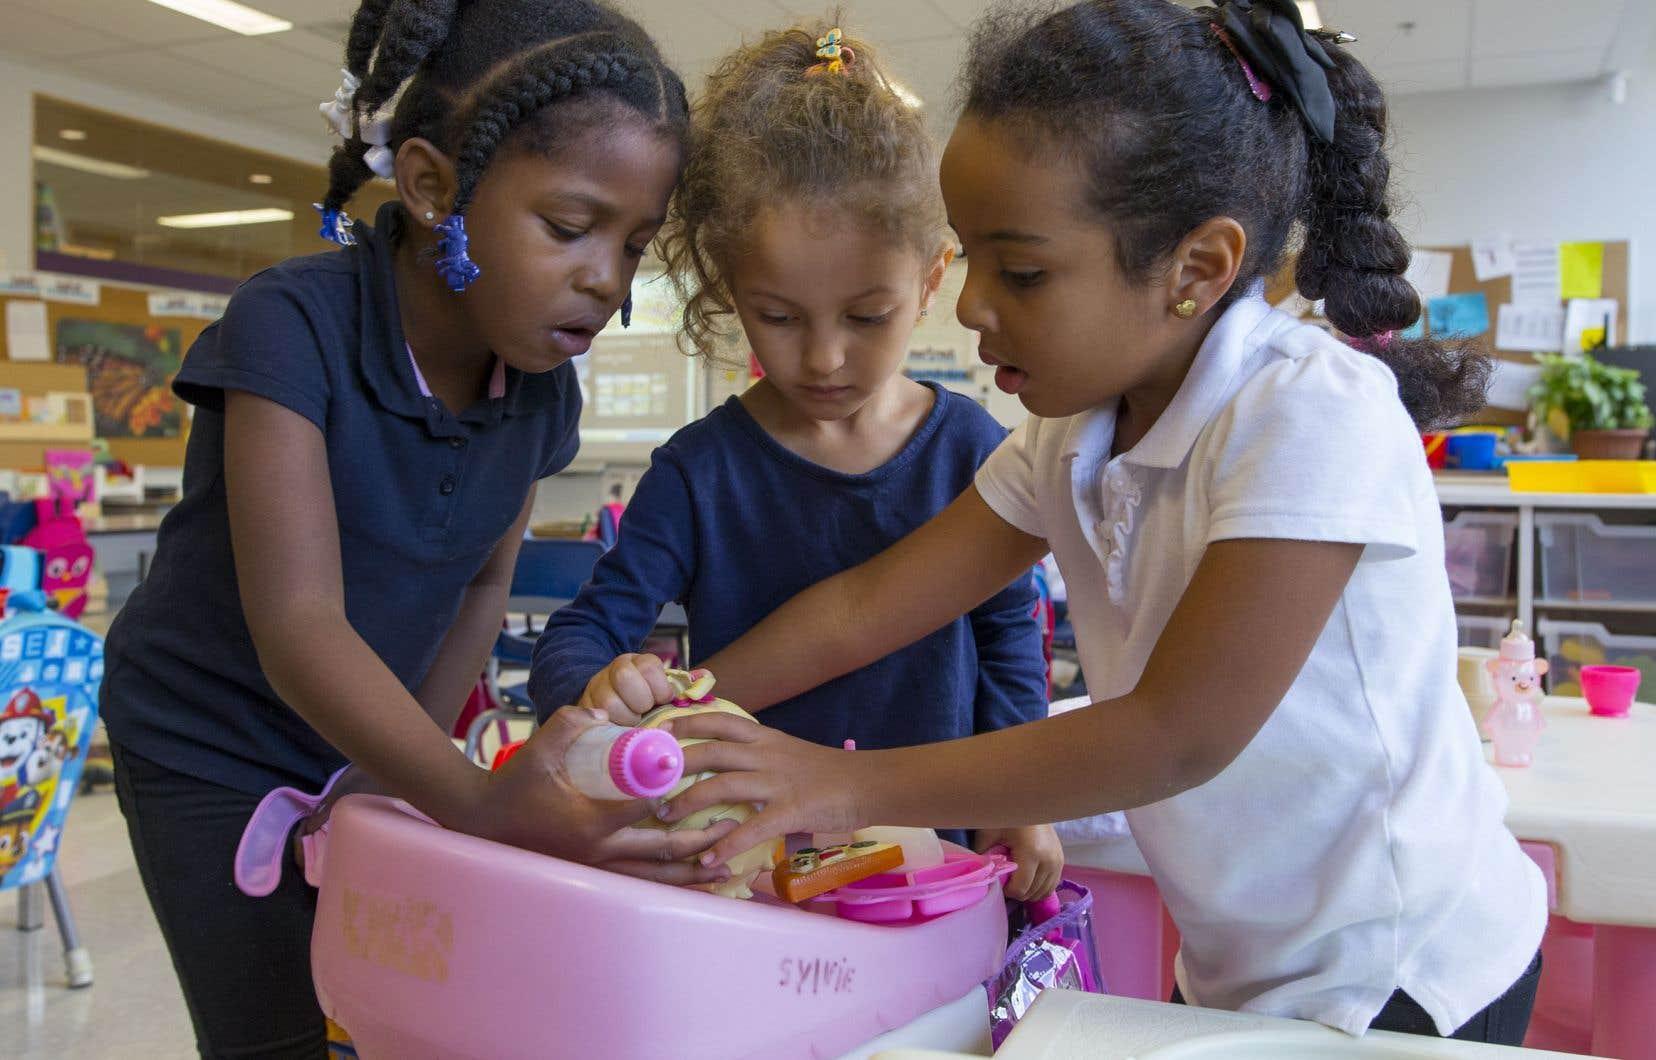 Les classes de maternelle 4ans visent notamment à faire en sorte que l'enfant «croit en ses capacités et découvre le plaisir d'apprendre», selon le site Internet du ministère de l'Éducation.